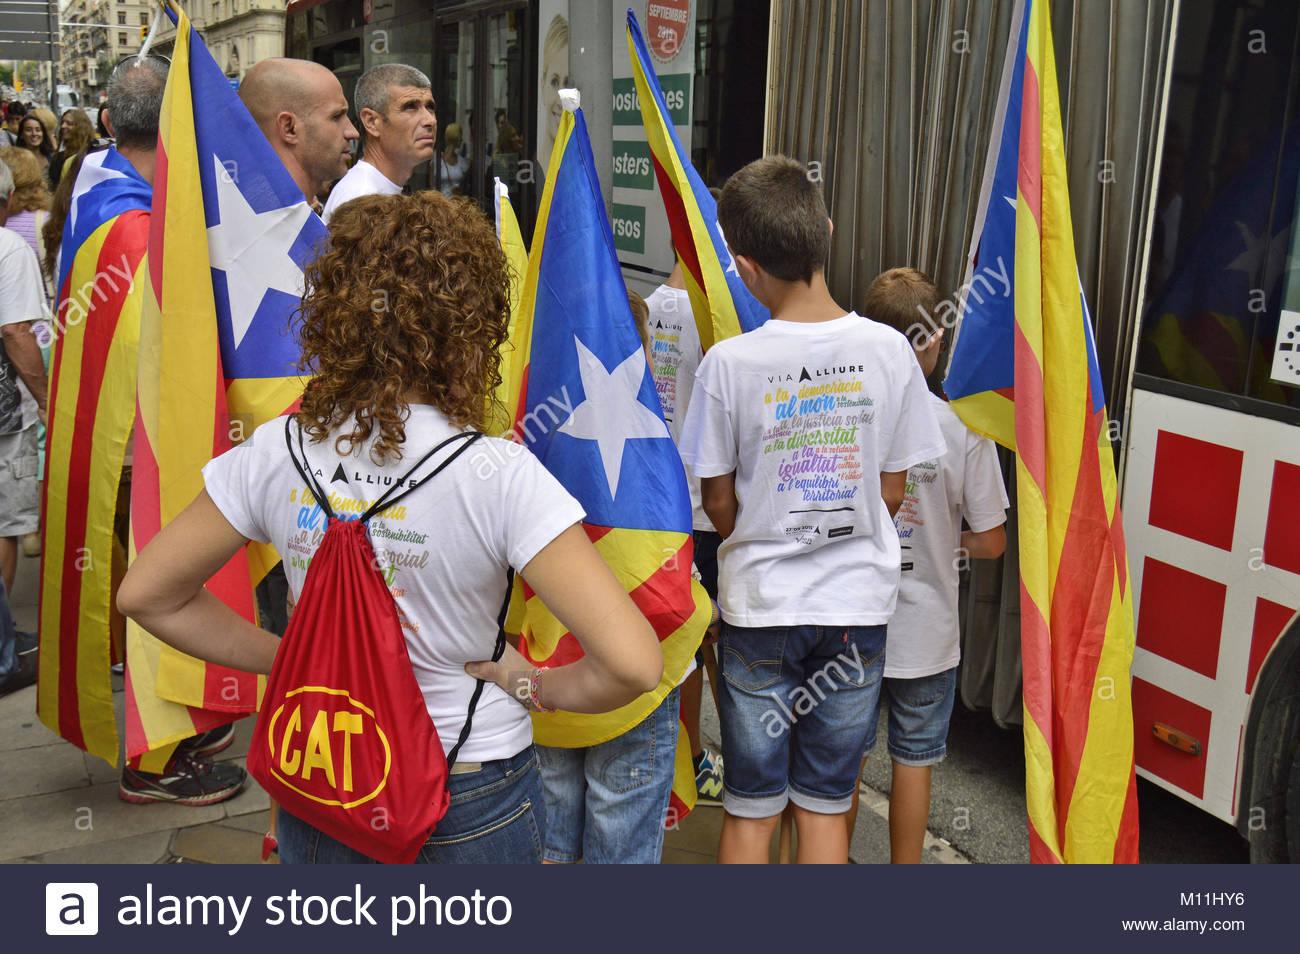 Les gens avec les drapeaux Catalan en attente à l'arrêt de bus à Barcelone 11.9.2015 à l'occasion Photo Stock